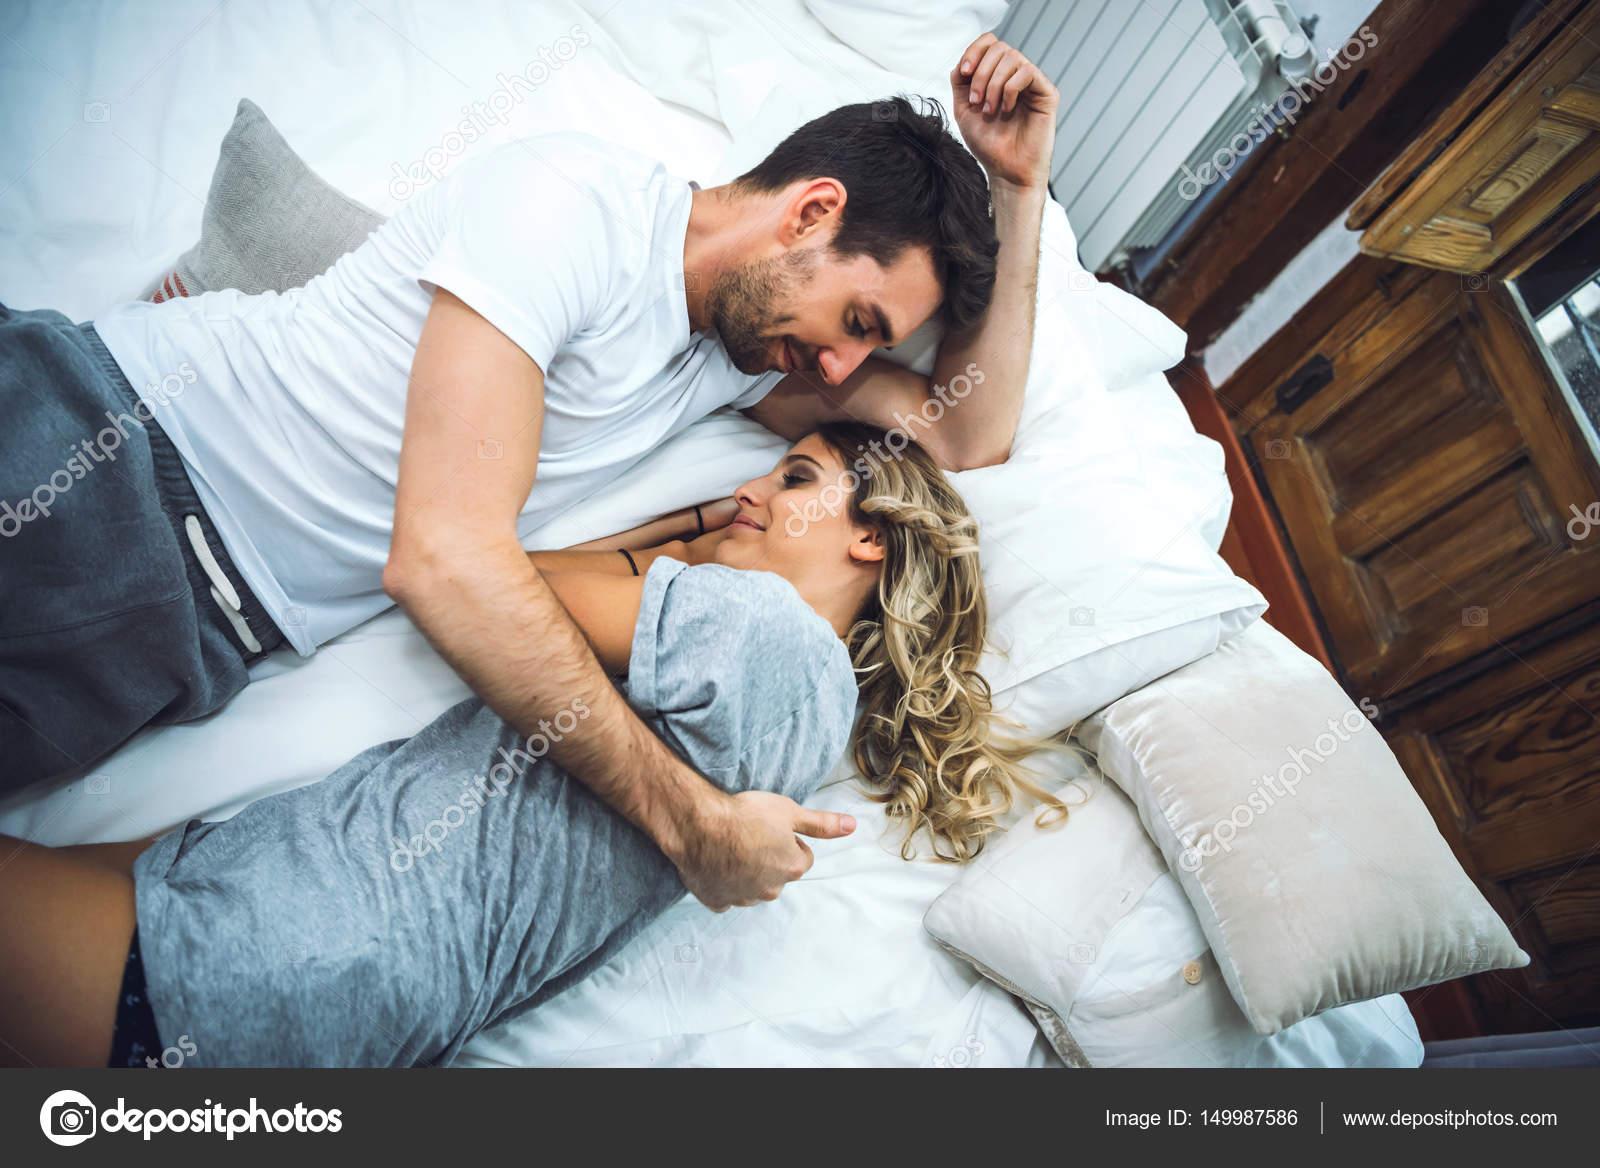 Da sopra colpo di coppia nel letto foto stock klublub - Ragazze nel letto ...